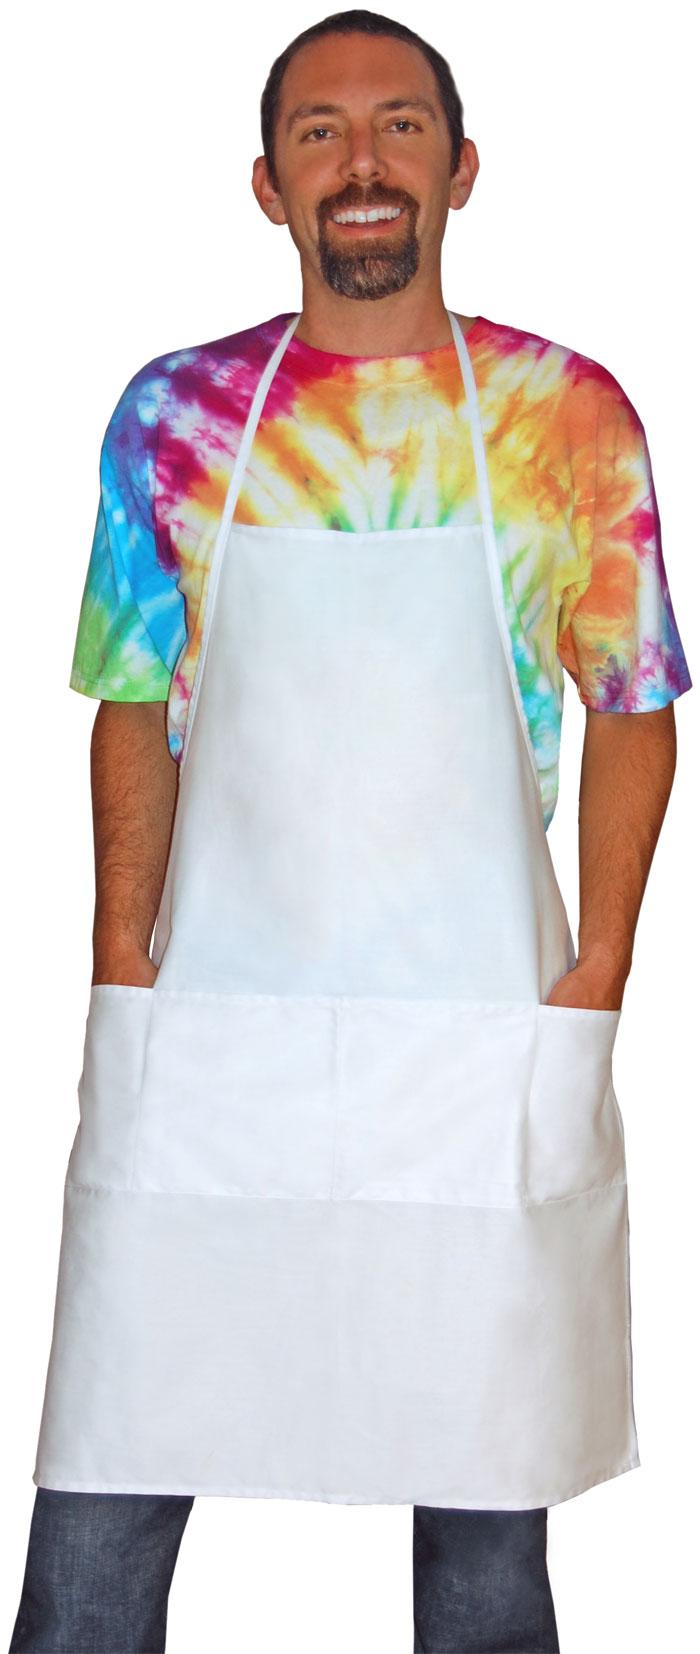 White rubber apron - Grande